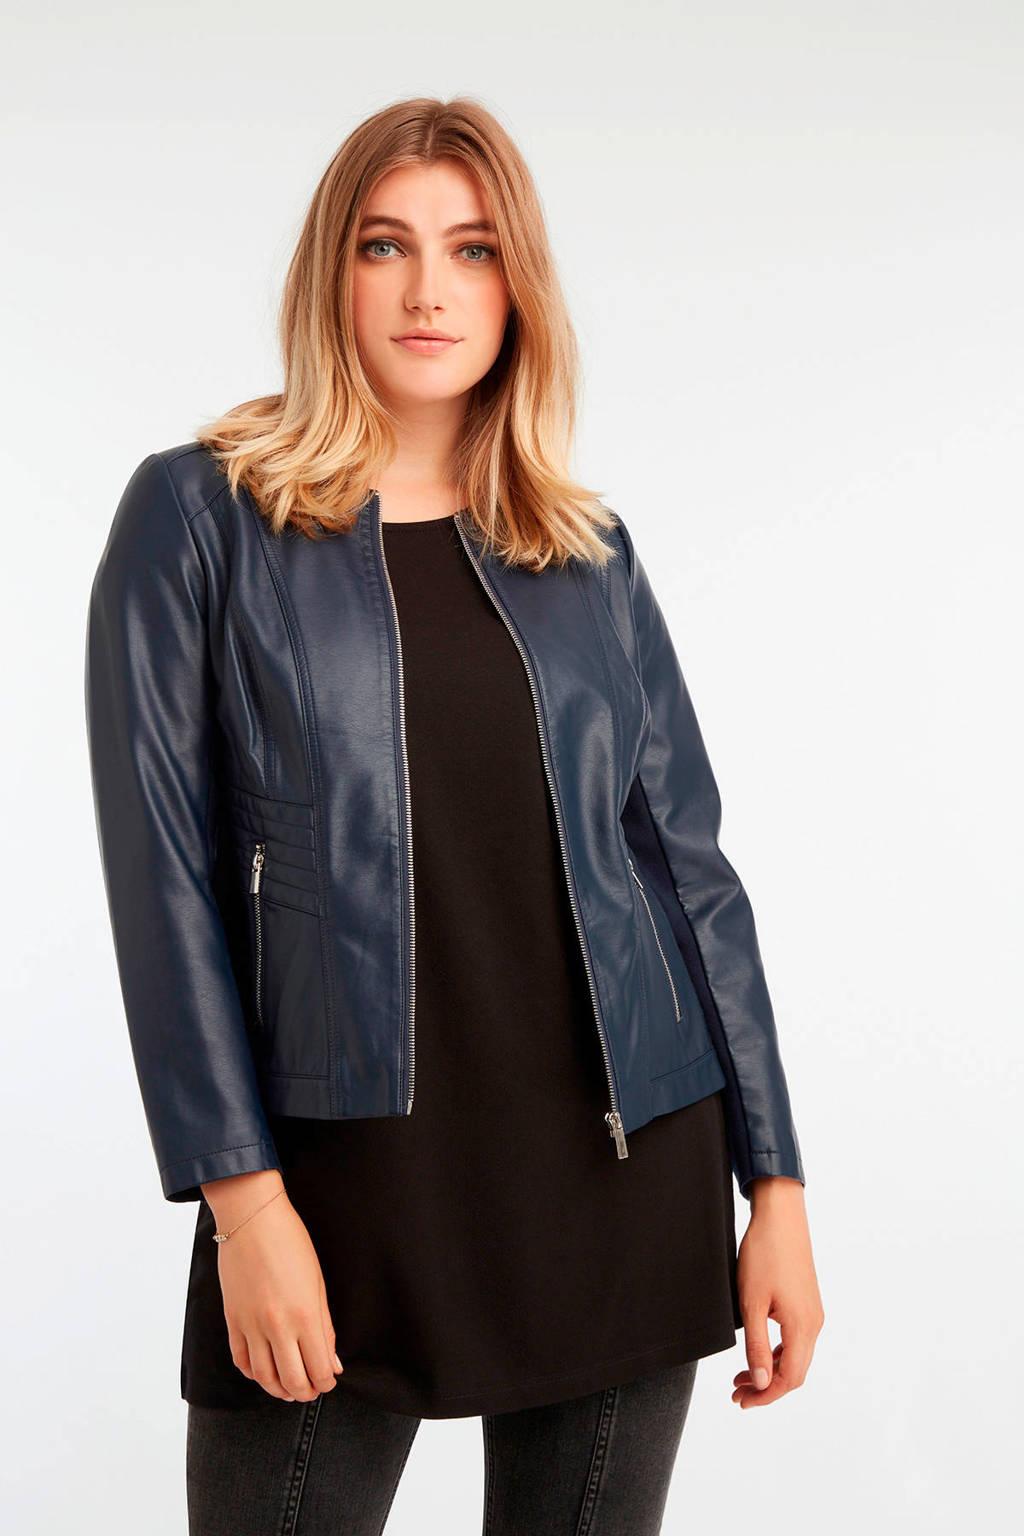 Wonderbaarlijk MS Mode imitatieleren jas blauw   wehkamp ZP-21